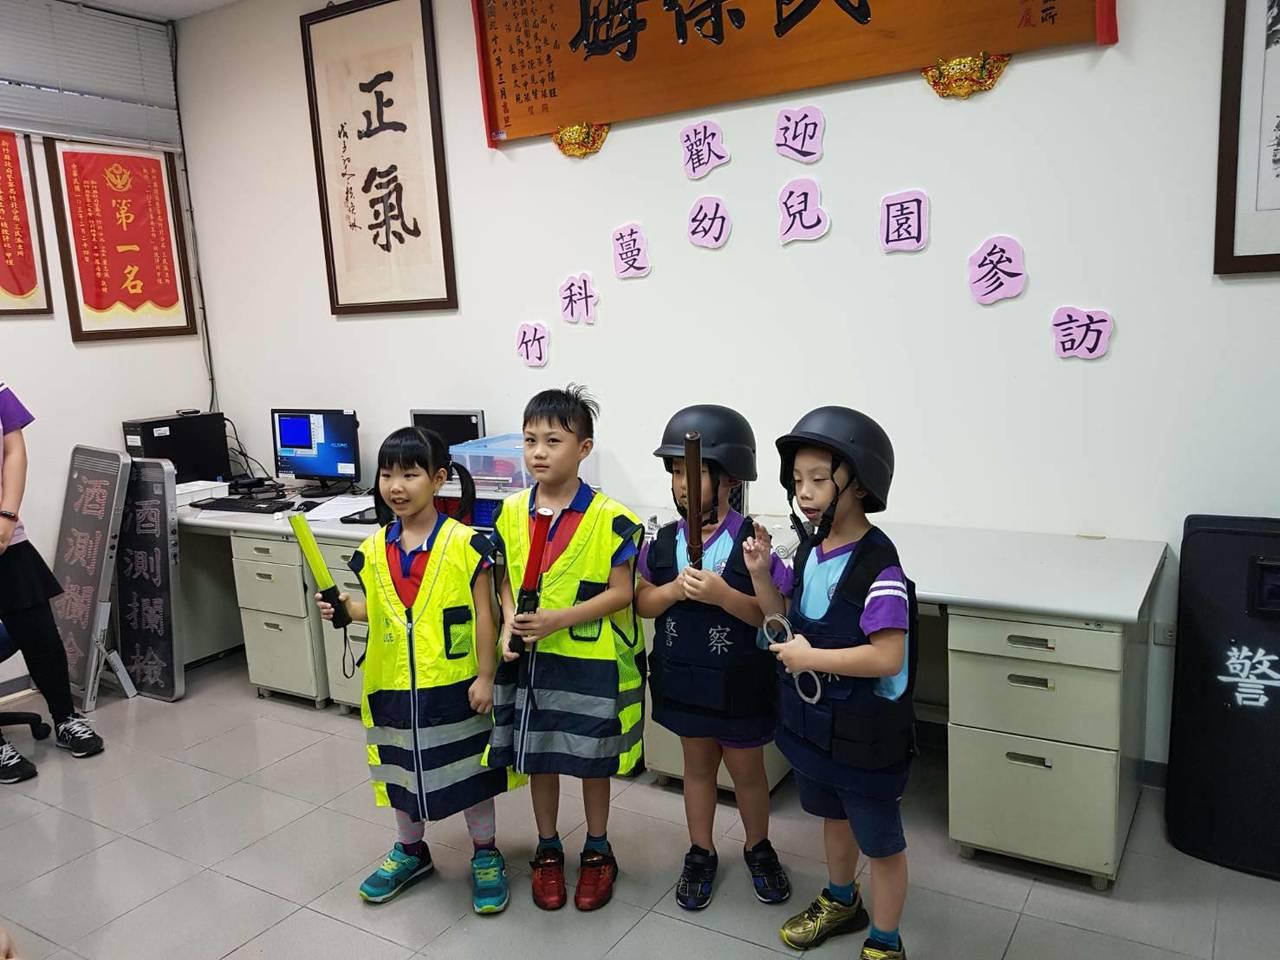 三民派出所長吳榮財讓幼童們試穿防彈背心、防彈頭盔,當一天「小小警察」。警方提供